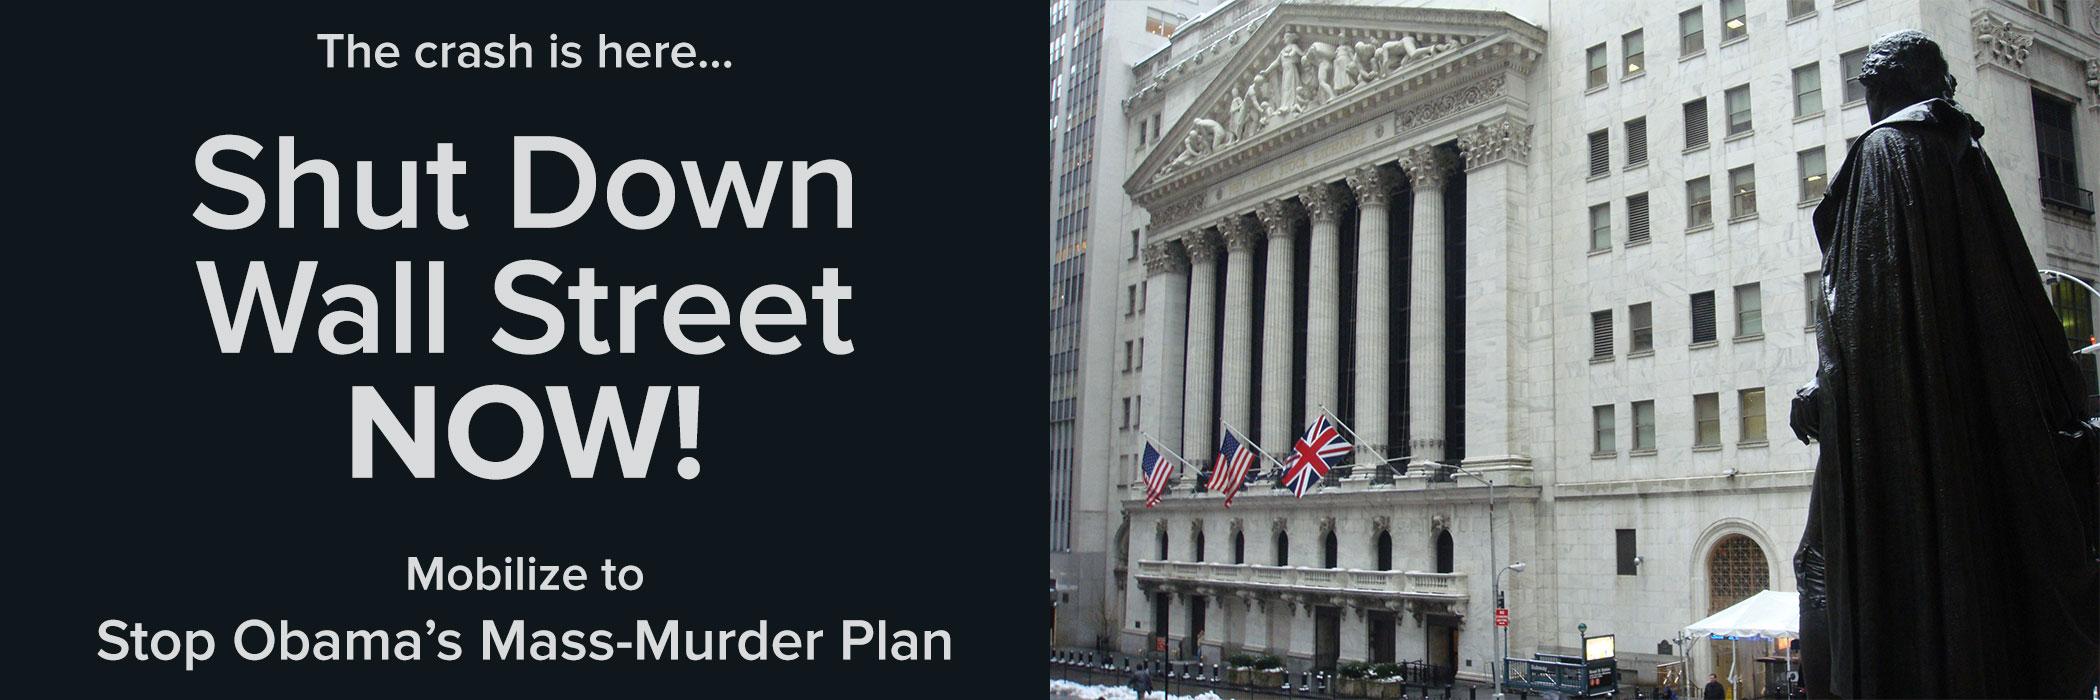 shut-down-wall-st-banner_upadated-here.jpg